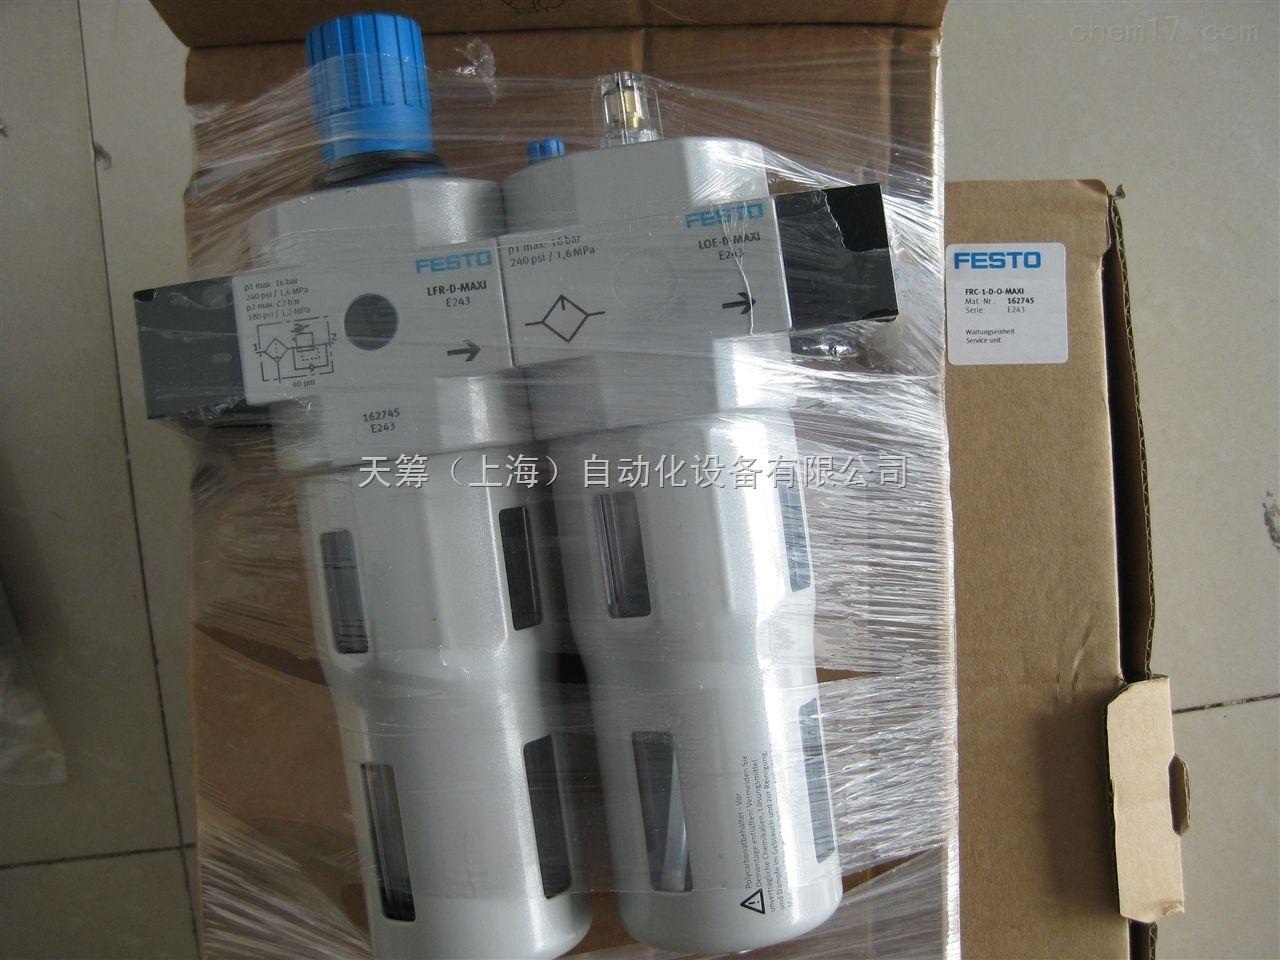 FESTO气源处理组件FRC-1-D-O-MAXI